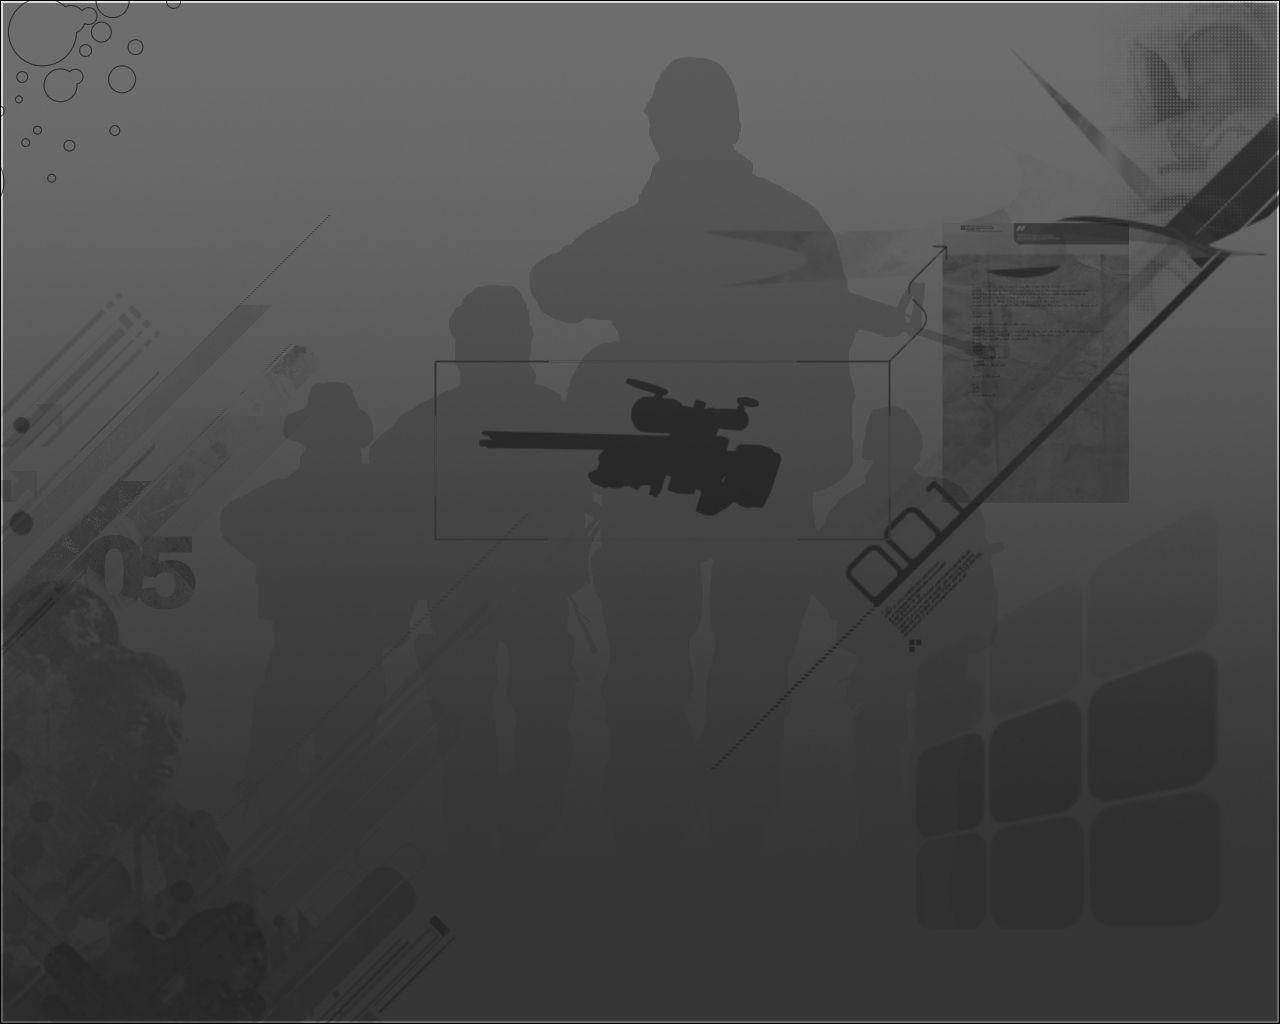 149681 Hintergrundbild herunterladen War, Soldiers, Vektor, Krieger, Attacke, Angriff - Bildschirmschoner und Bilder kostenlos